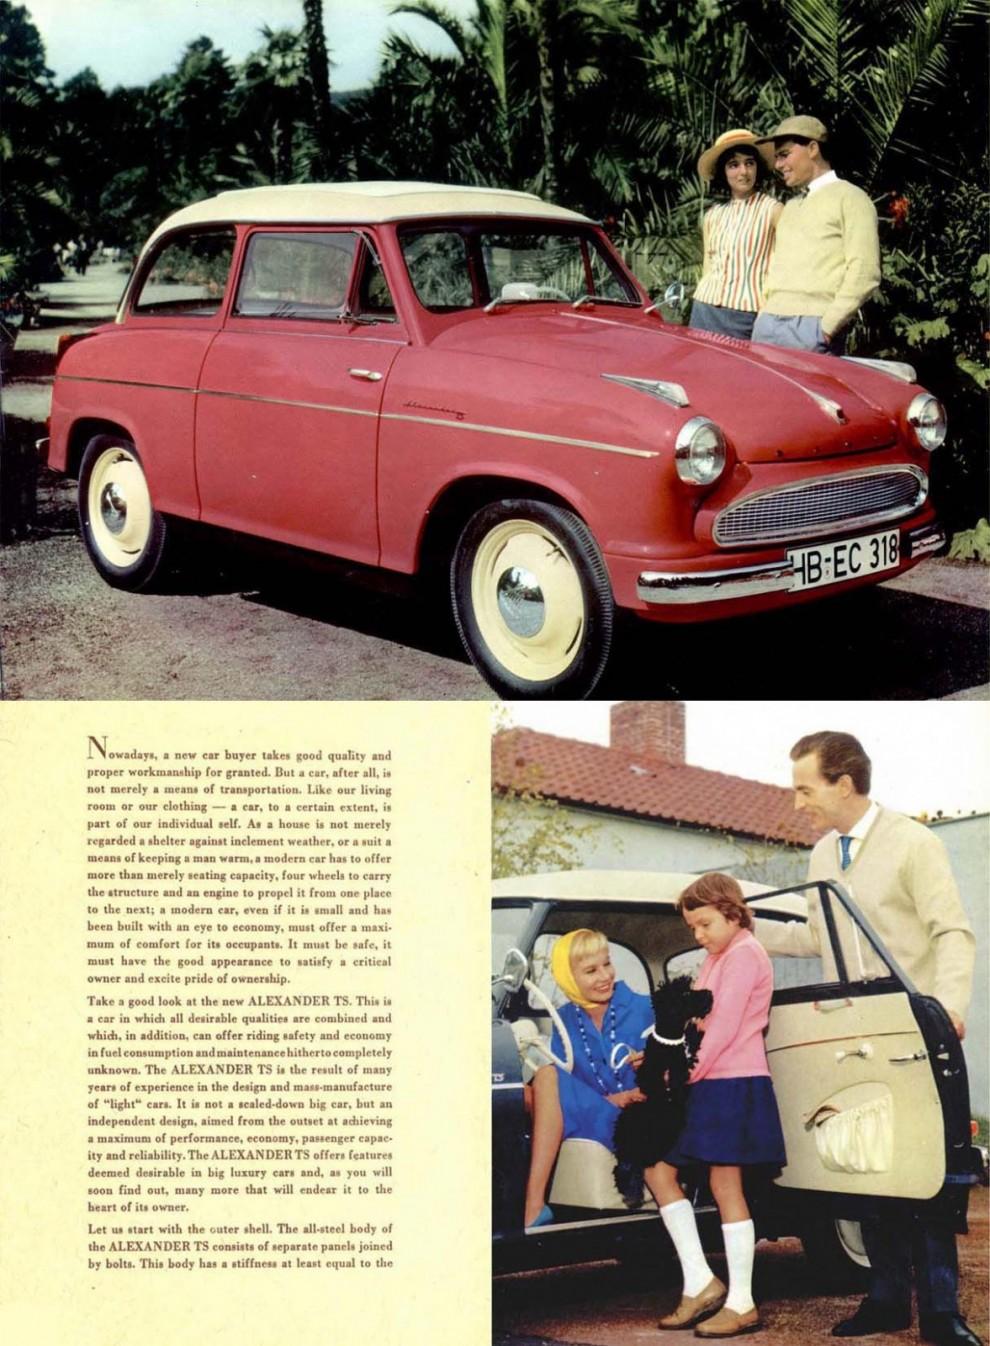 Lloydbroschyren för USA 1959.